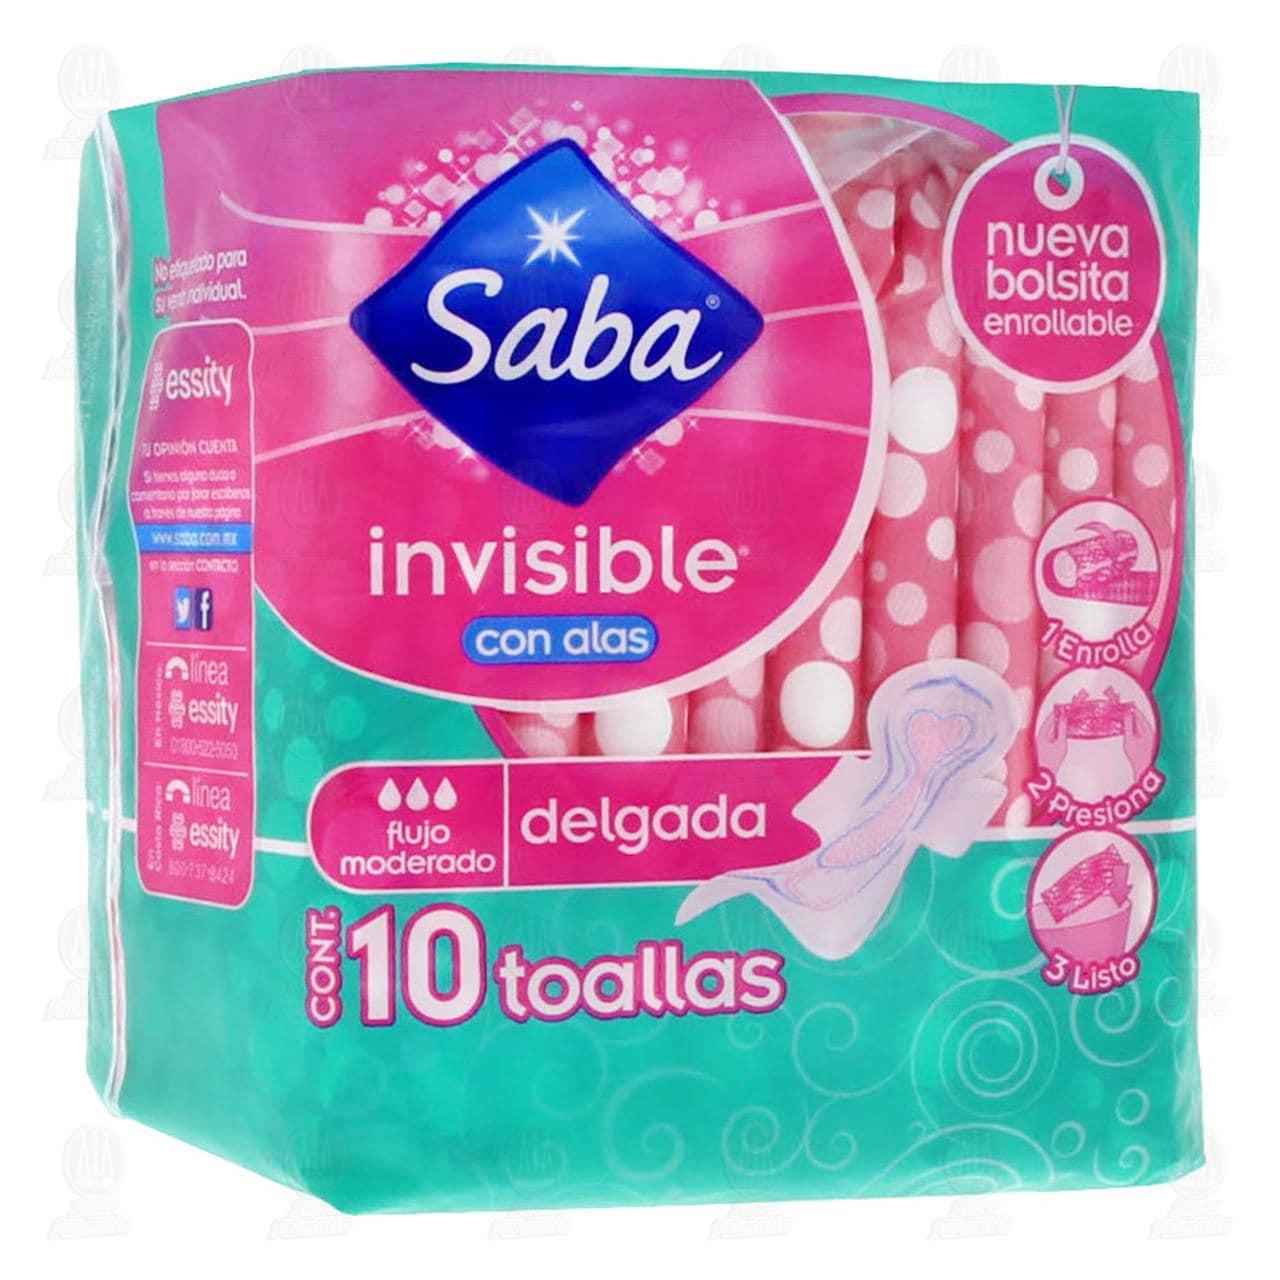 Comprar Toallas Femenina Saba Invisible Delgada con Alas, 10 pzas. en Farmacias Guadalajara